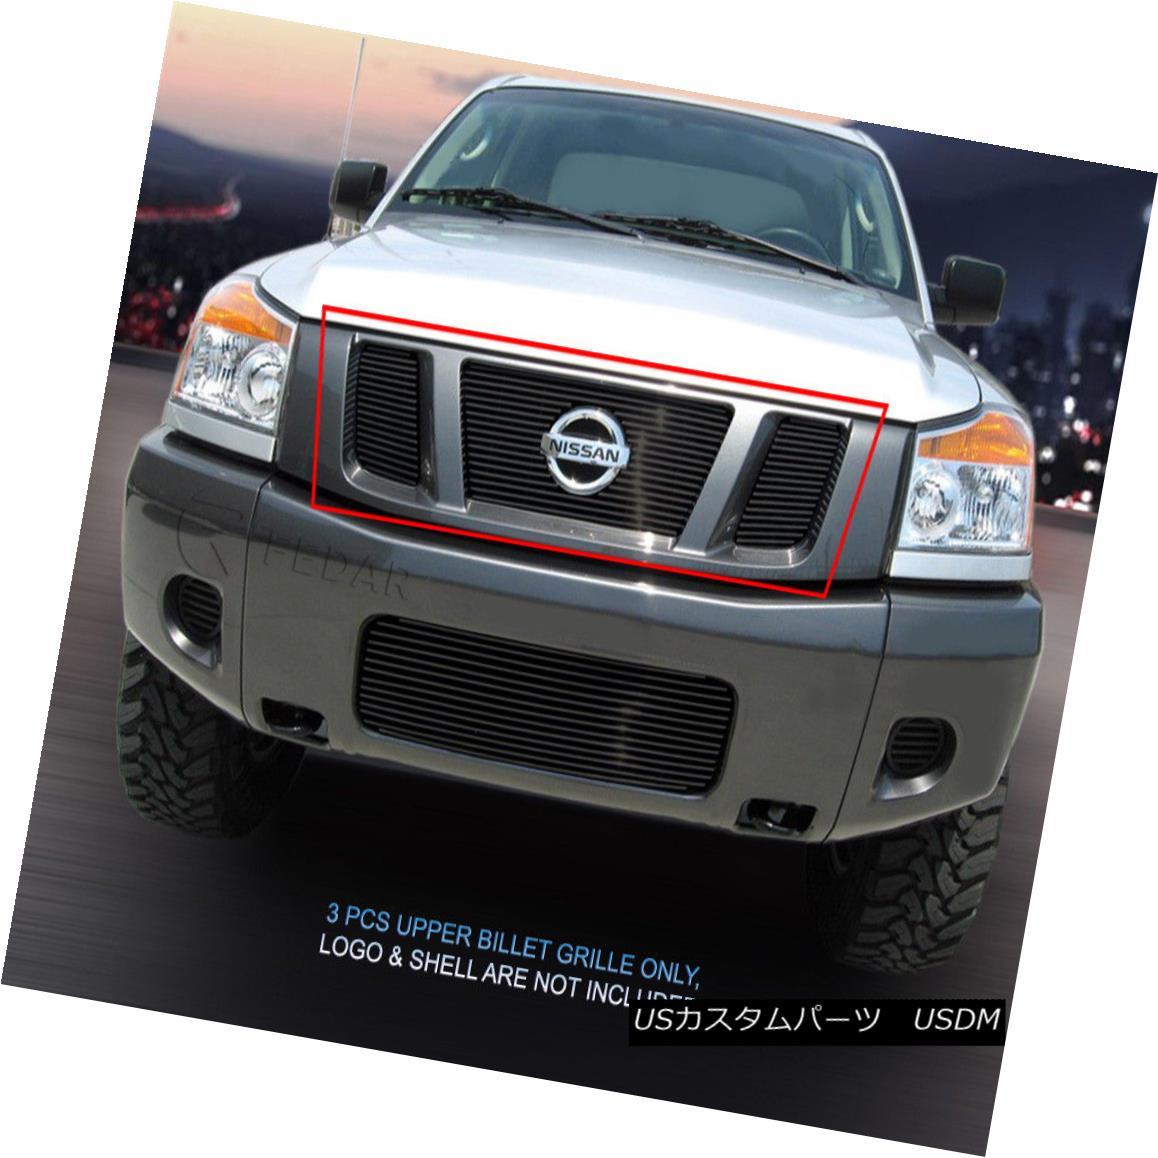 グリル Fedar Fits 2008-2015 Nissan Titan Black Main Upper Billet Grille Fedar Fits 2008-2015 Nissan Titan Blackメインアッパービレットグリル